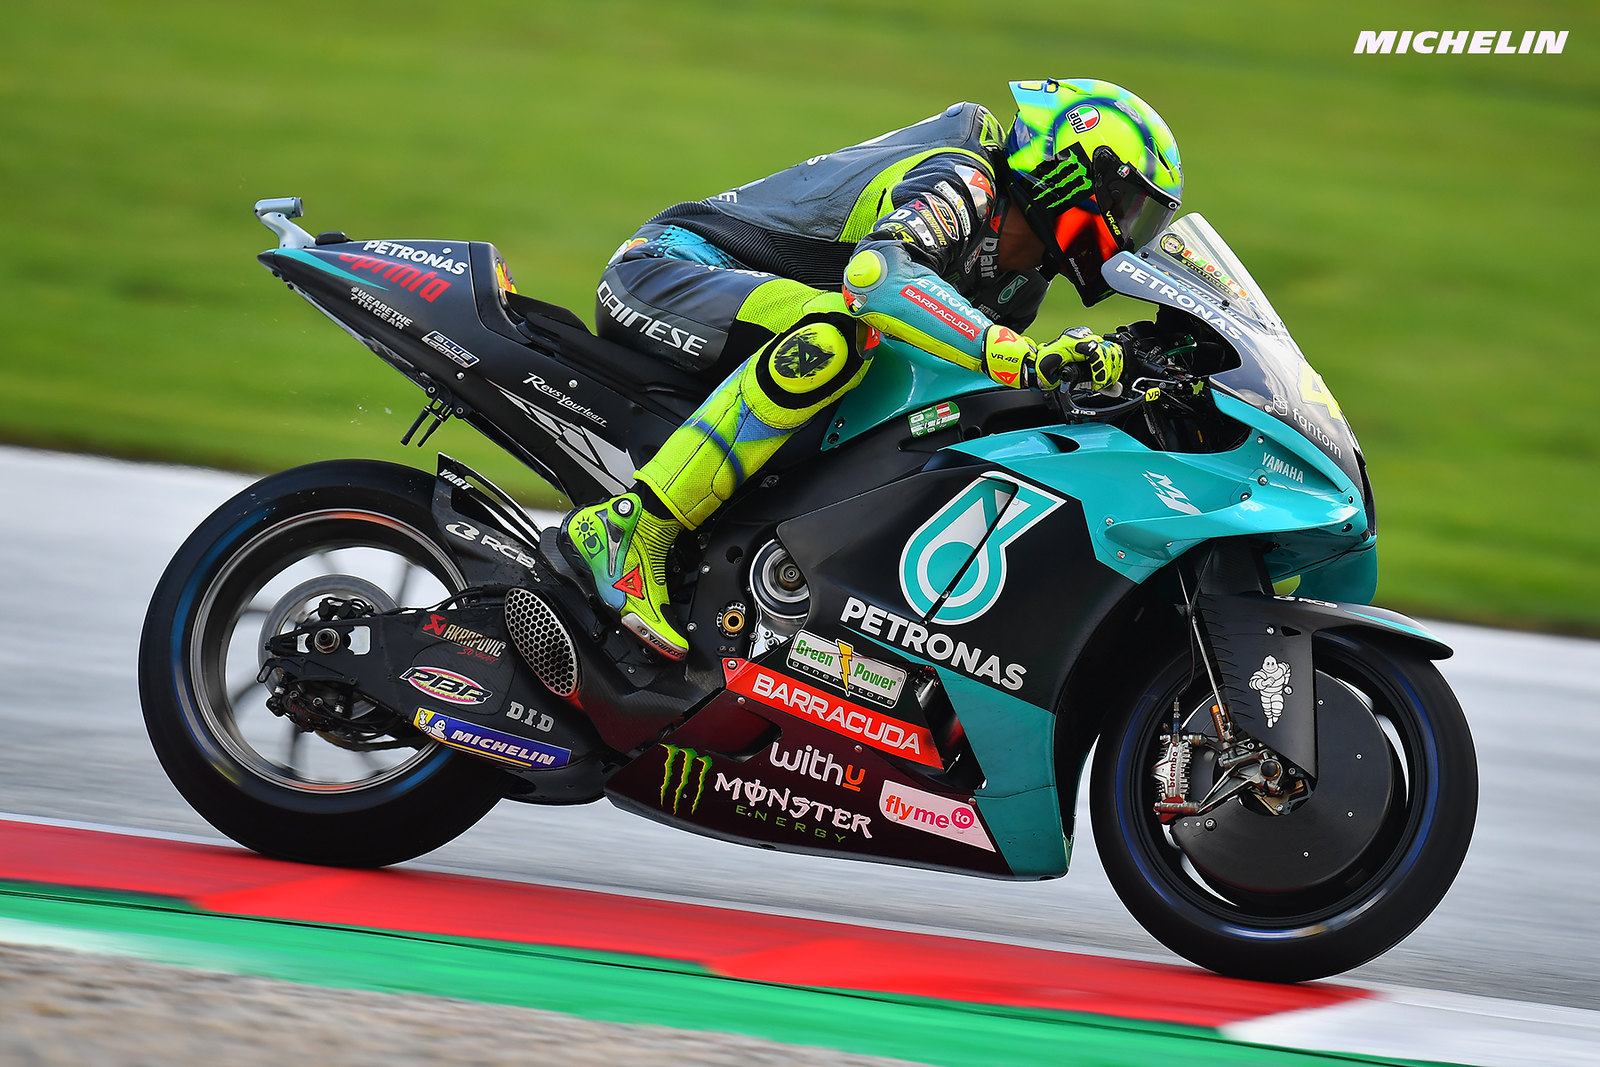 MotoGP2021オーストリアGP 初日総合 14位バレンティーノ・ロッシ「ビニャーレスのオンボード映像はもっと酷いものを想像していた」